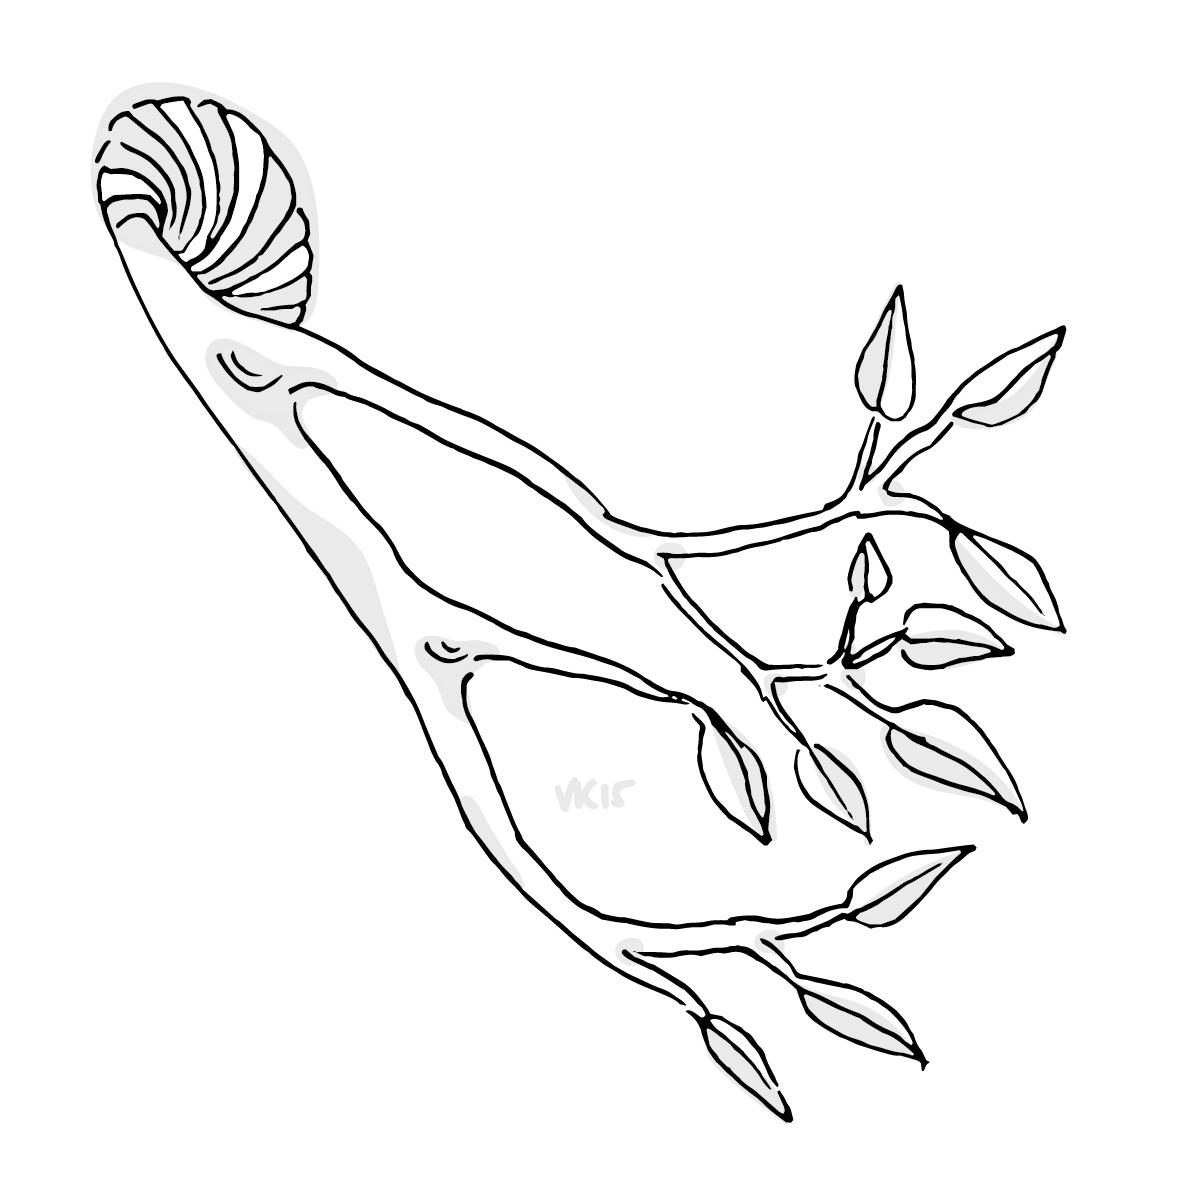 6.17.15_snailtree.png